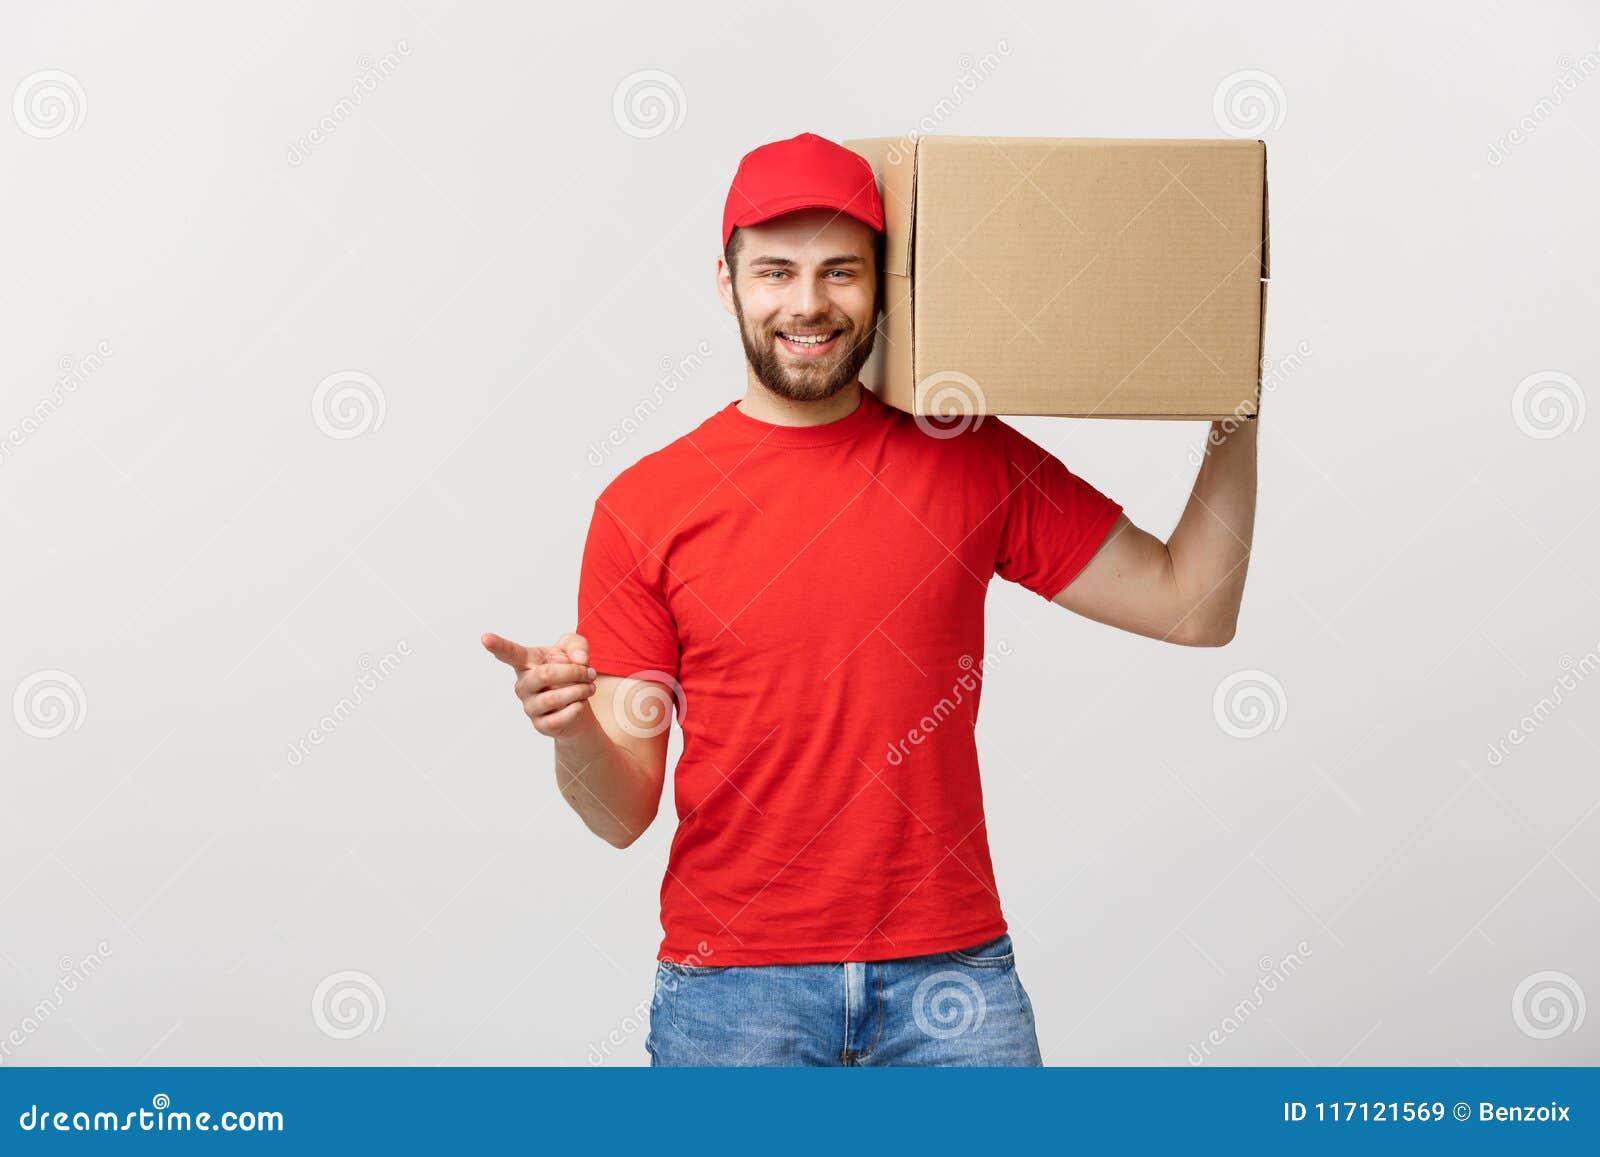 Concepto de la entrega - retrato del hombre de entrega caucásico feliz que señala la mano para presentar un paquete de la caja Ai